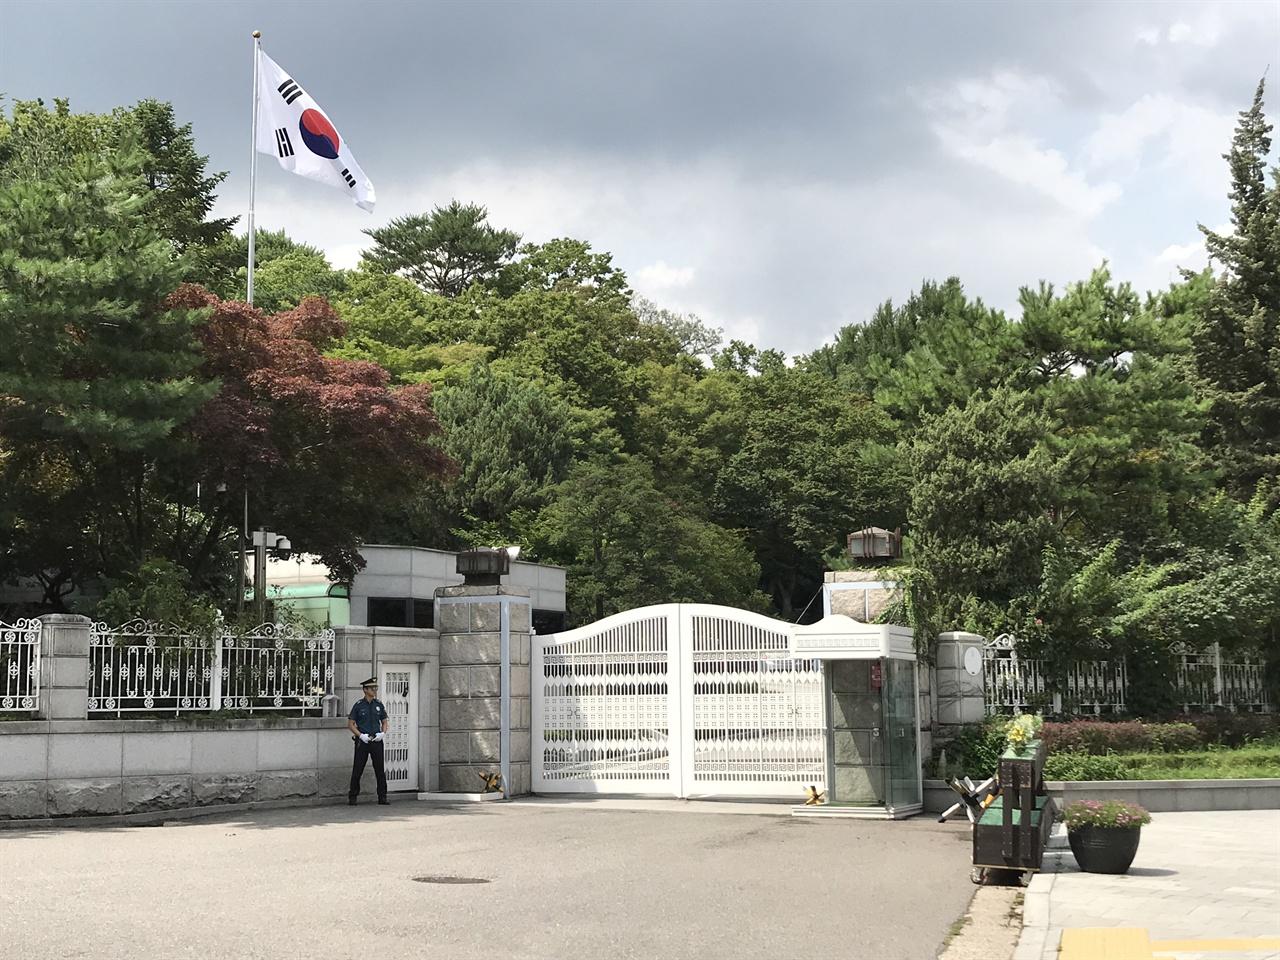 삼청동 '국무총리 공관' 삼청동에는 국무총리 공관이 자리하고 있다. 조선시대 태화궁 자리였던 이곳은 경성전기주식회사 관사로 쓰이다가 1961년 5월부터 국무총리 공관으로 사용하고 있다.